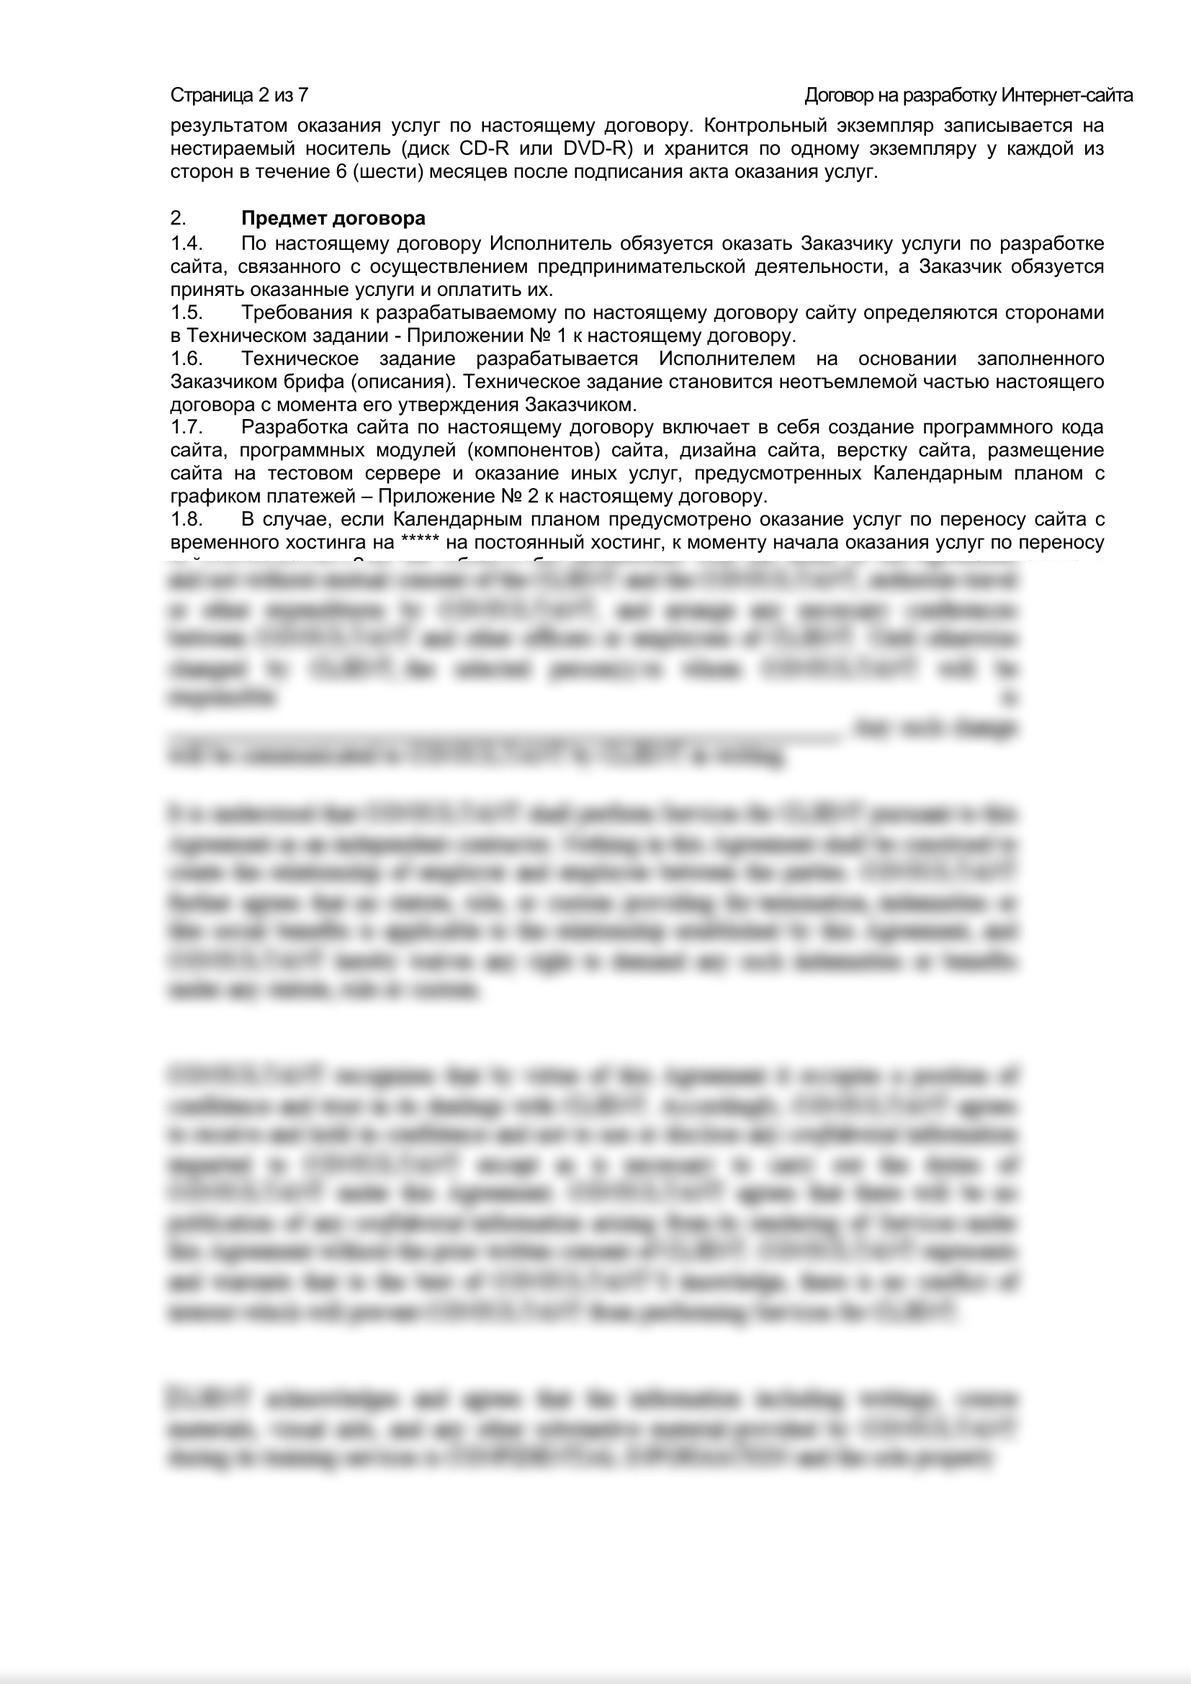 Шаблон договора на разработку Интернет-сайта-1